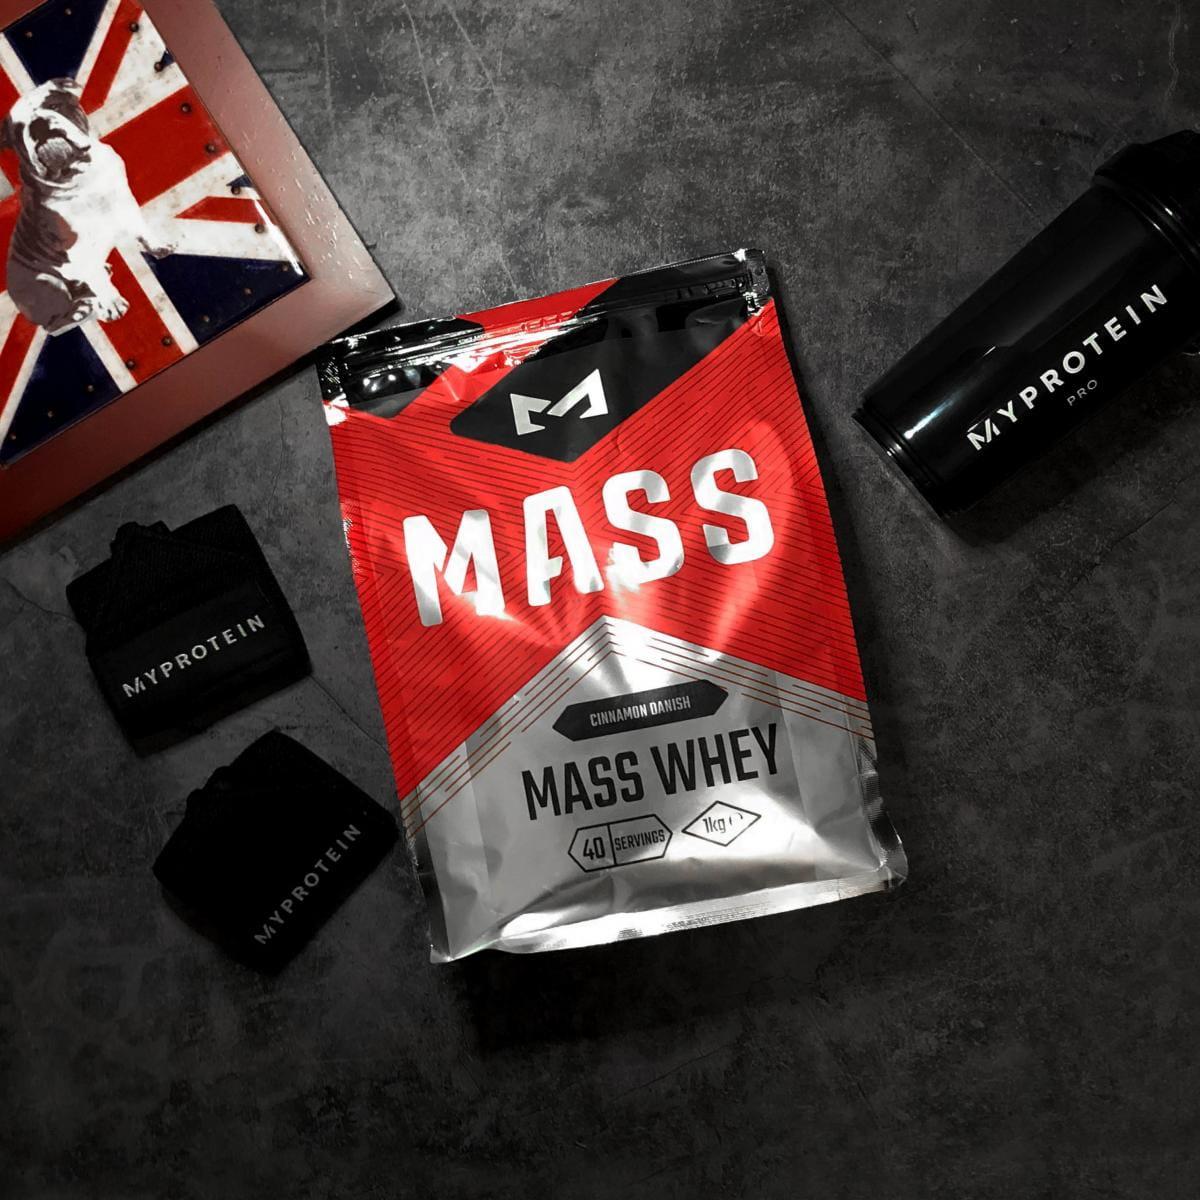 英國Mass 濃縮乳清蛋白 高蛋白 1kg 2